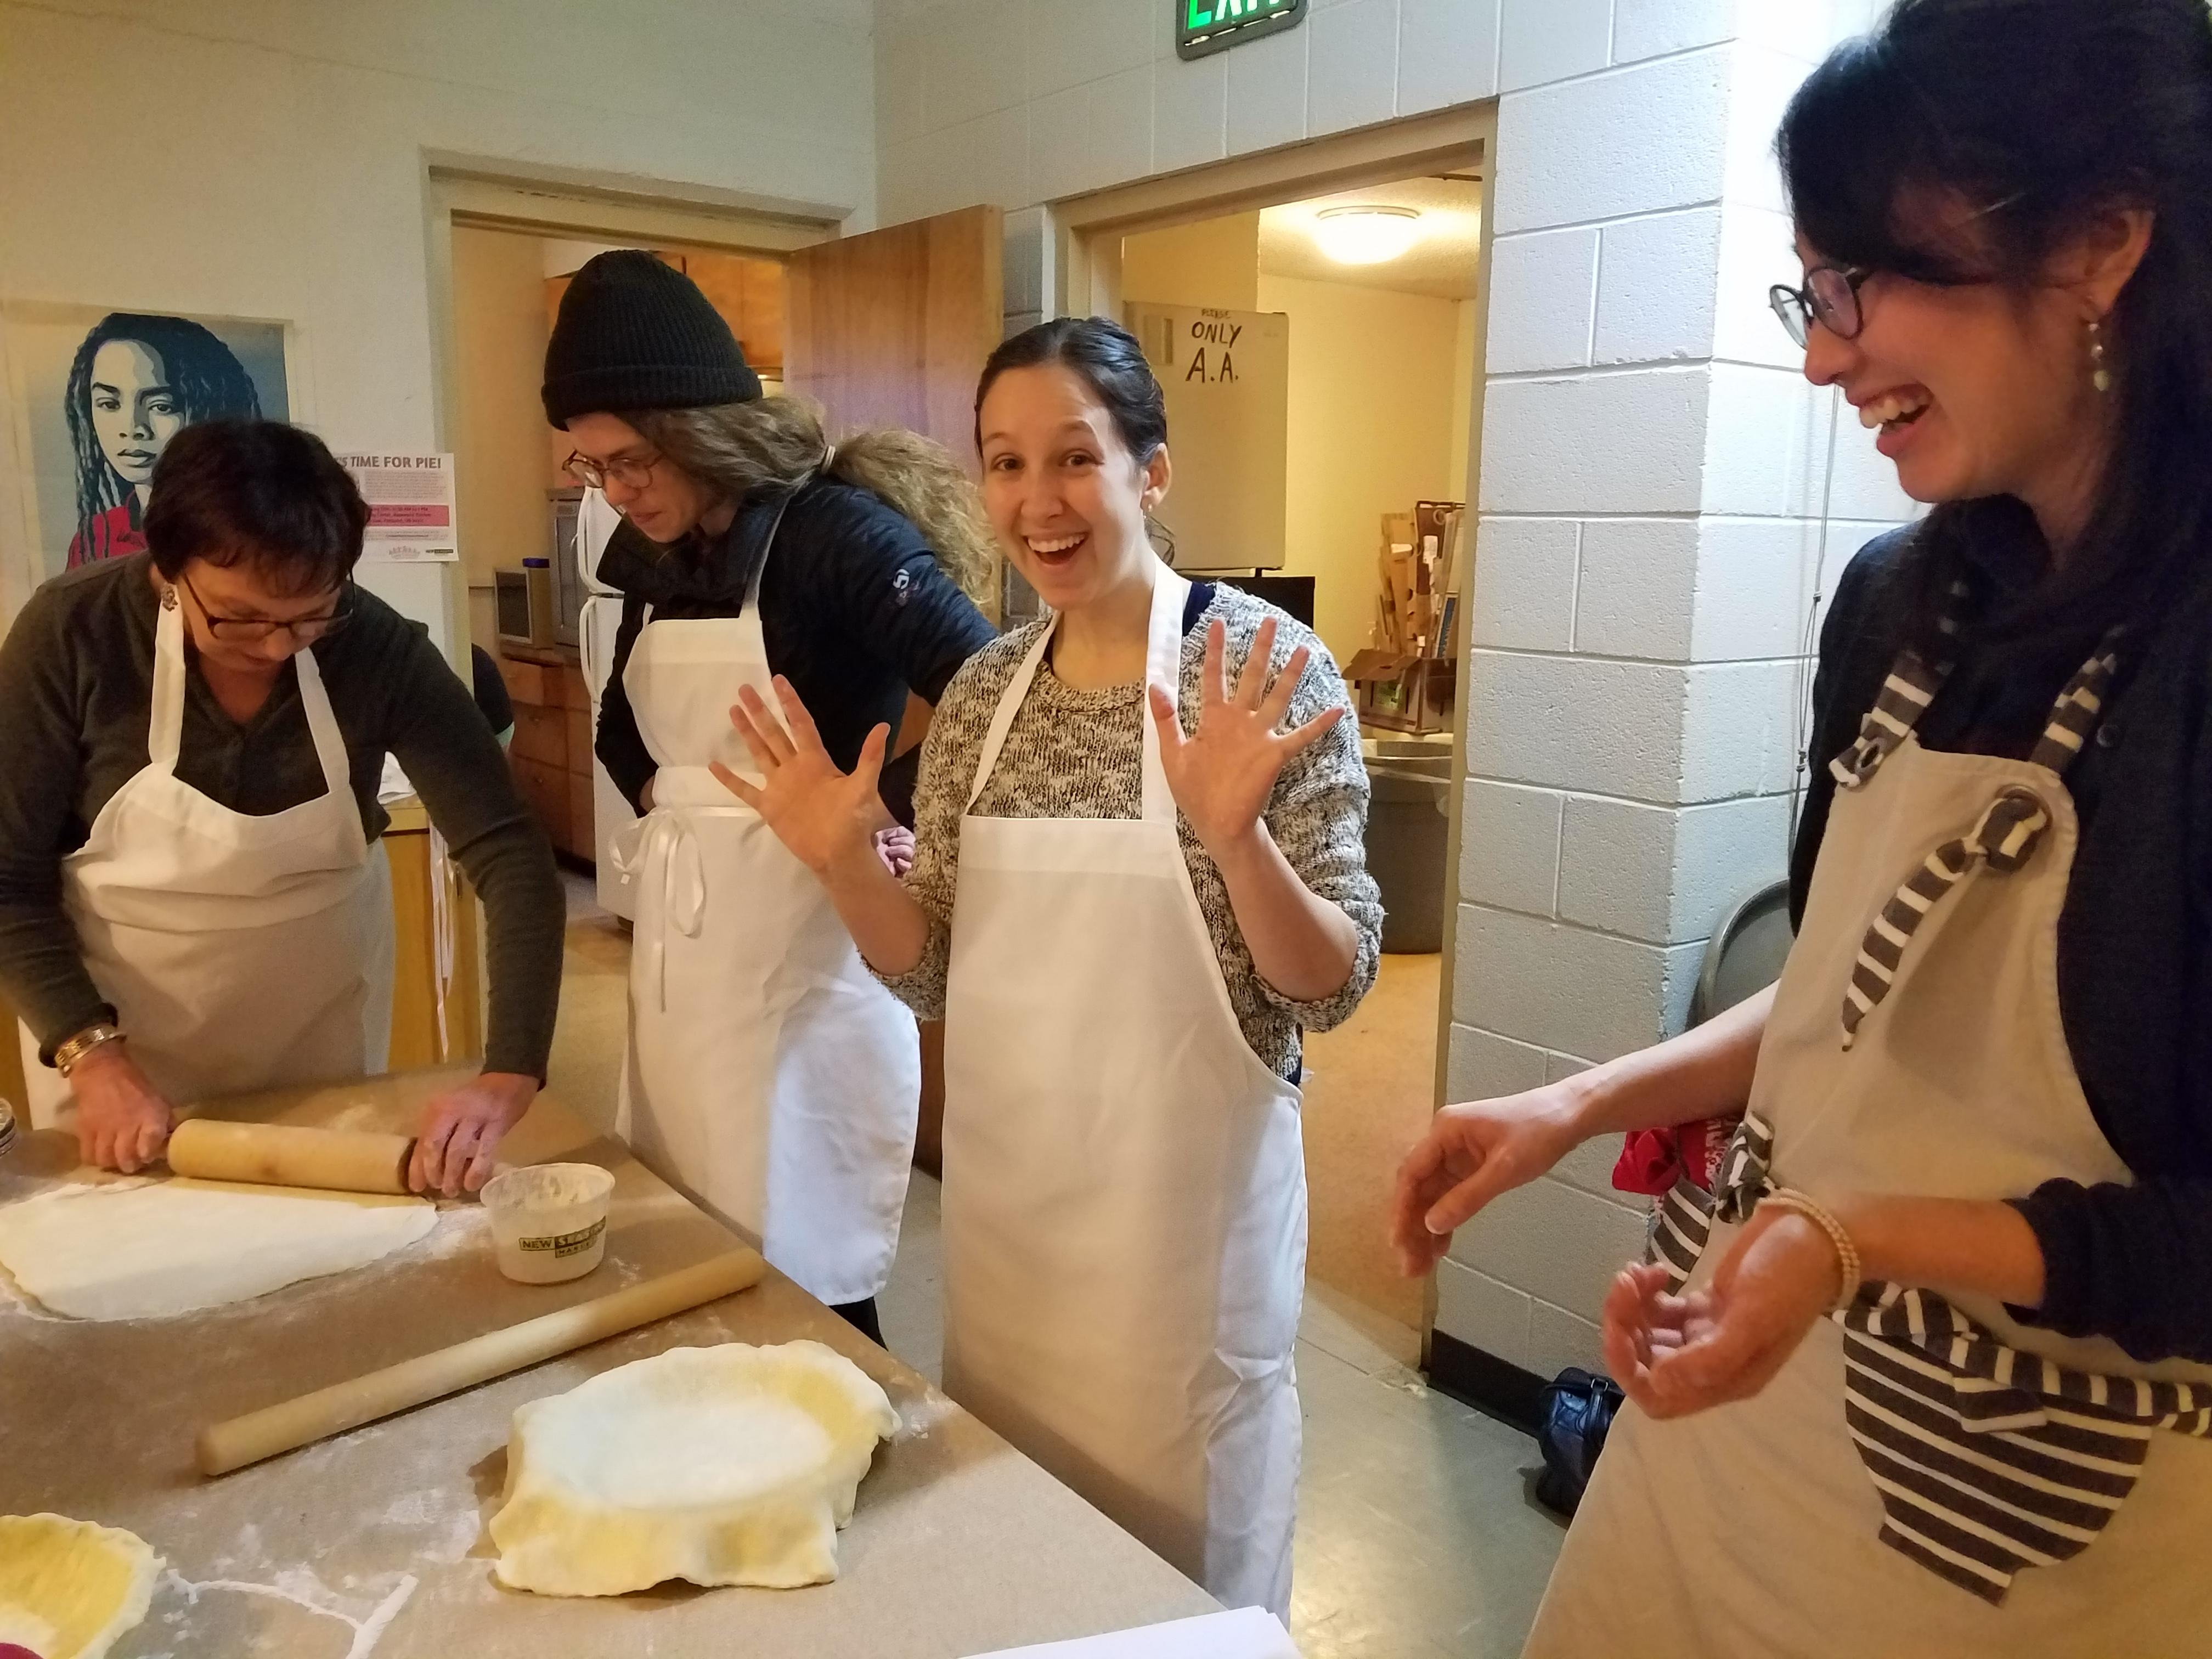 People having fun preparing food.